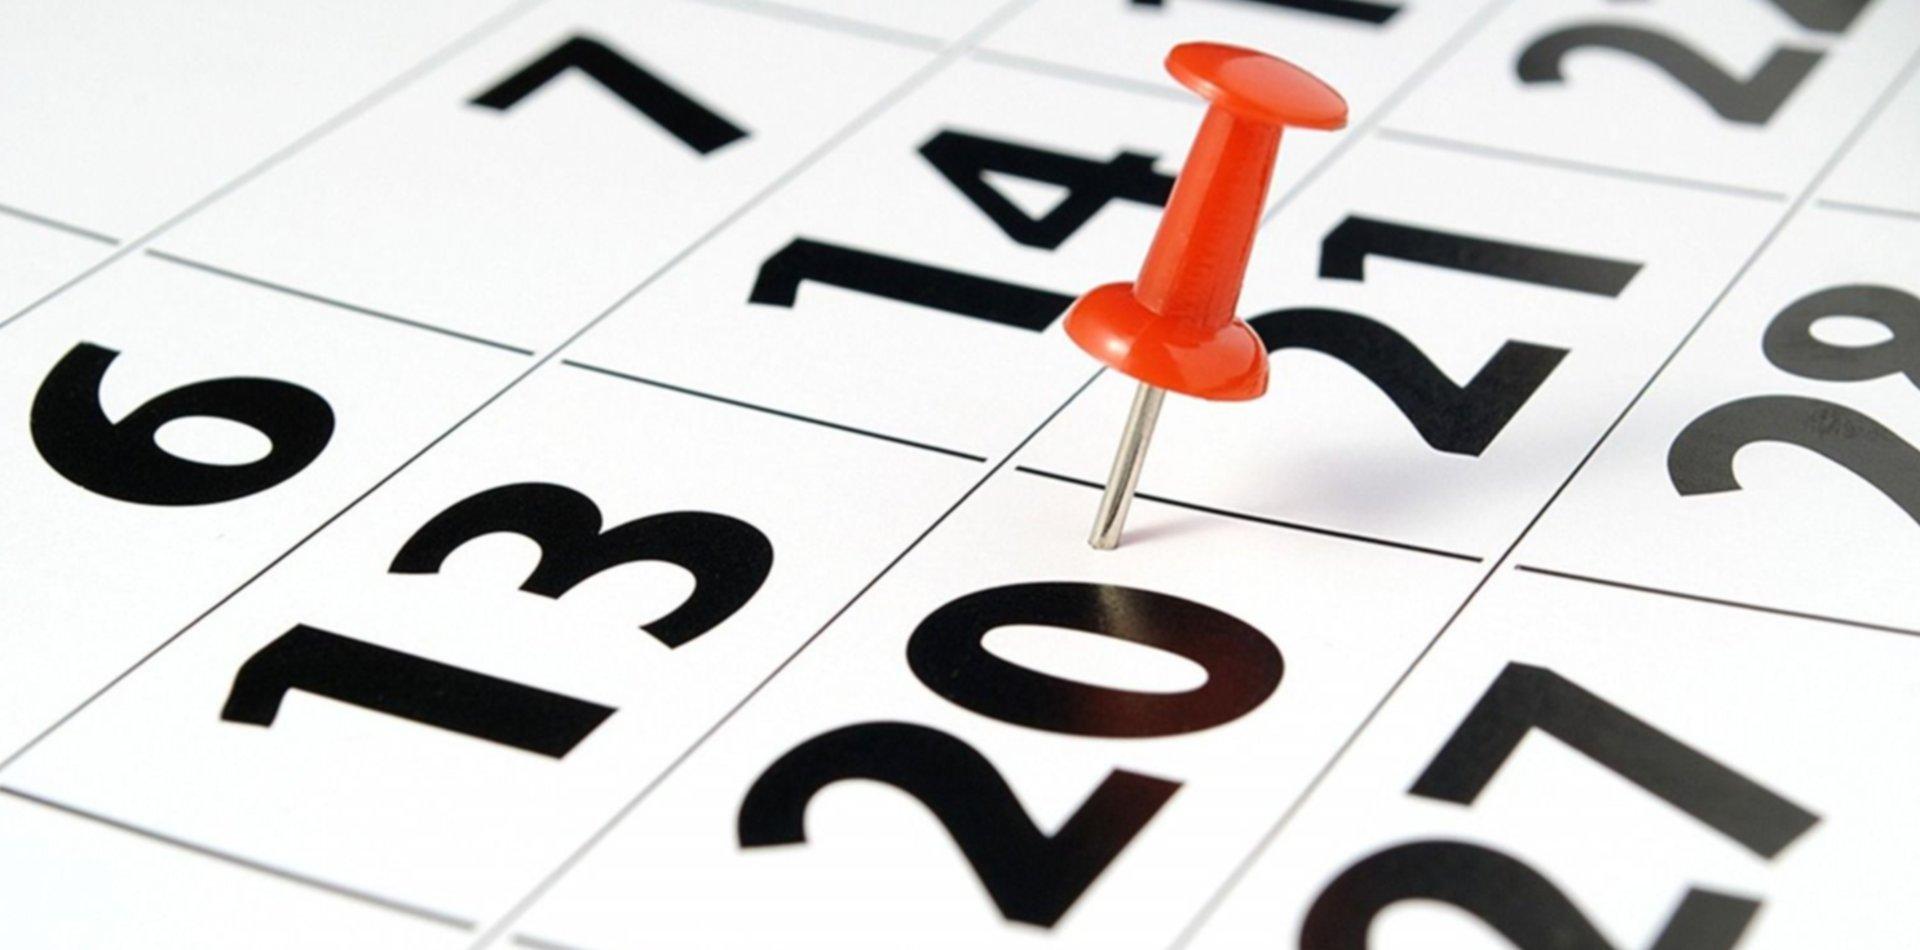 El listado completo con los feriados turísticos del año que viene